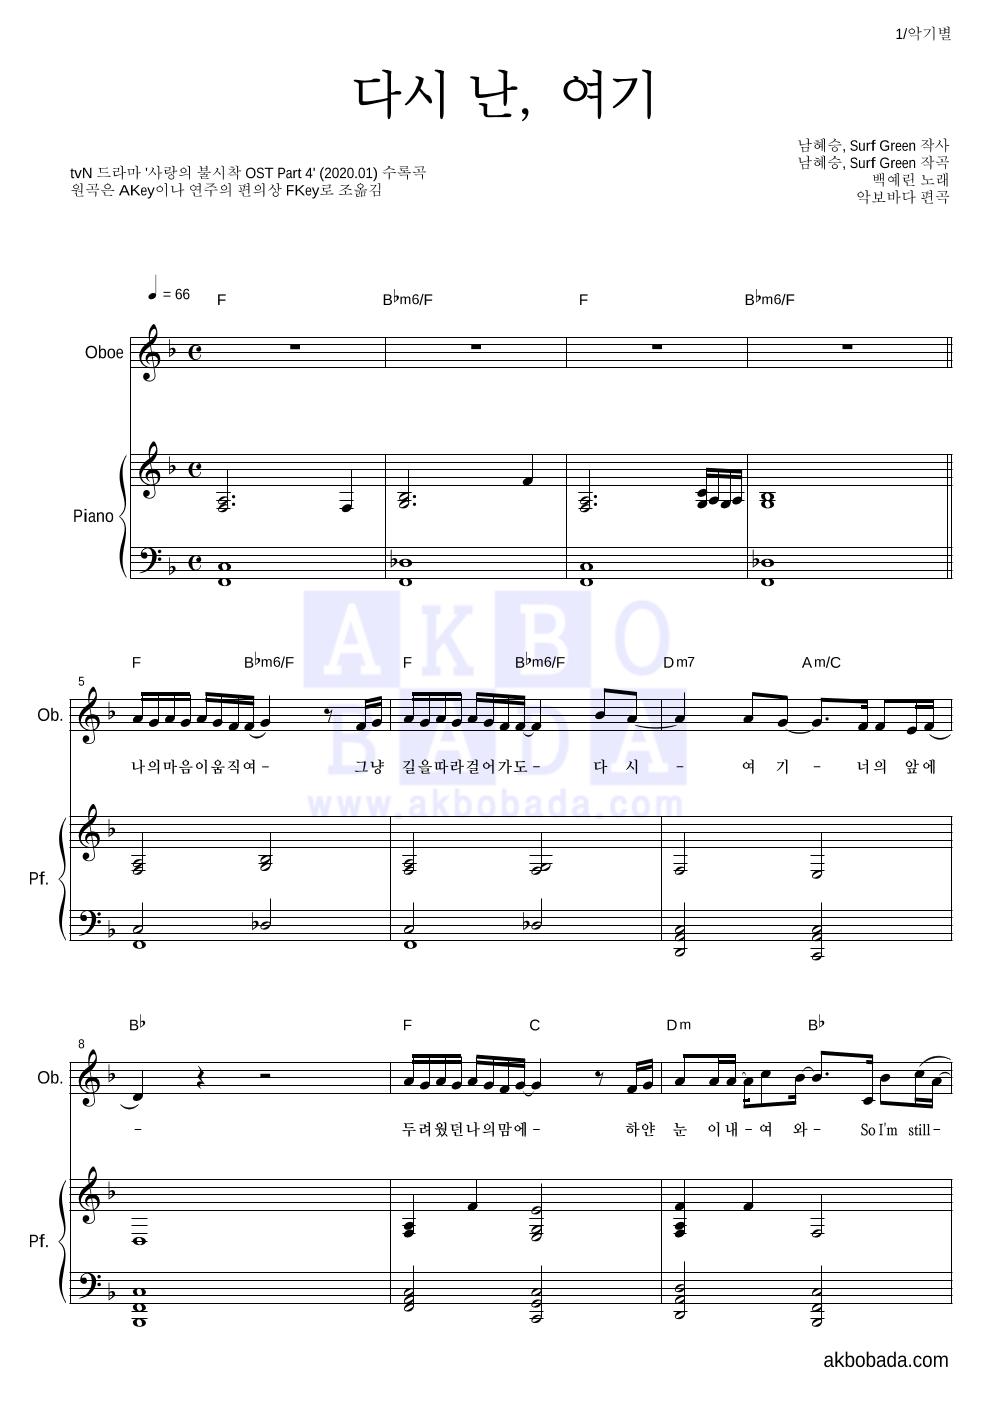 백예린 - 다시 난, 여기 오보에&피아노 악보